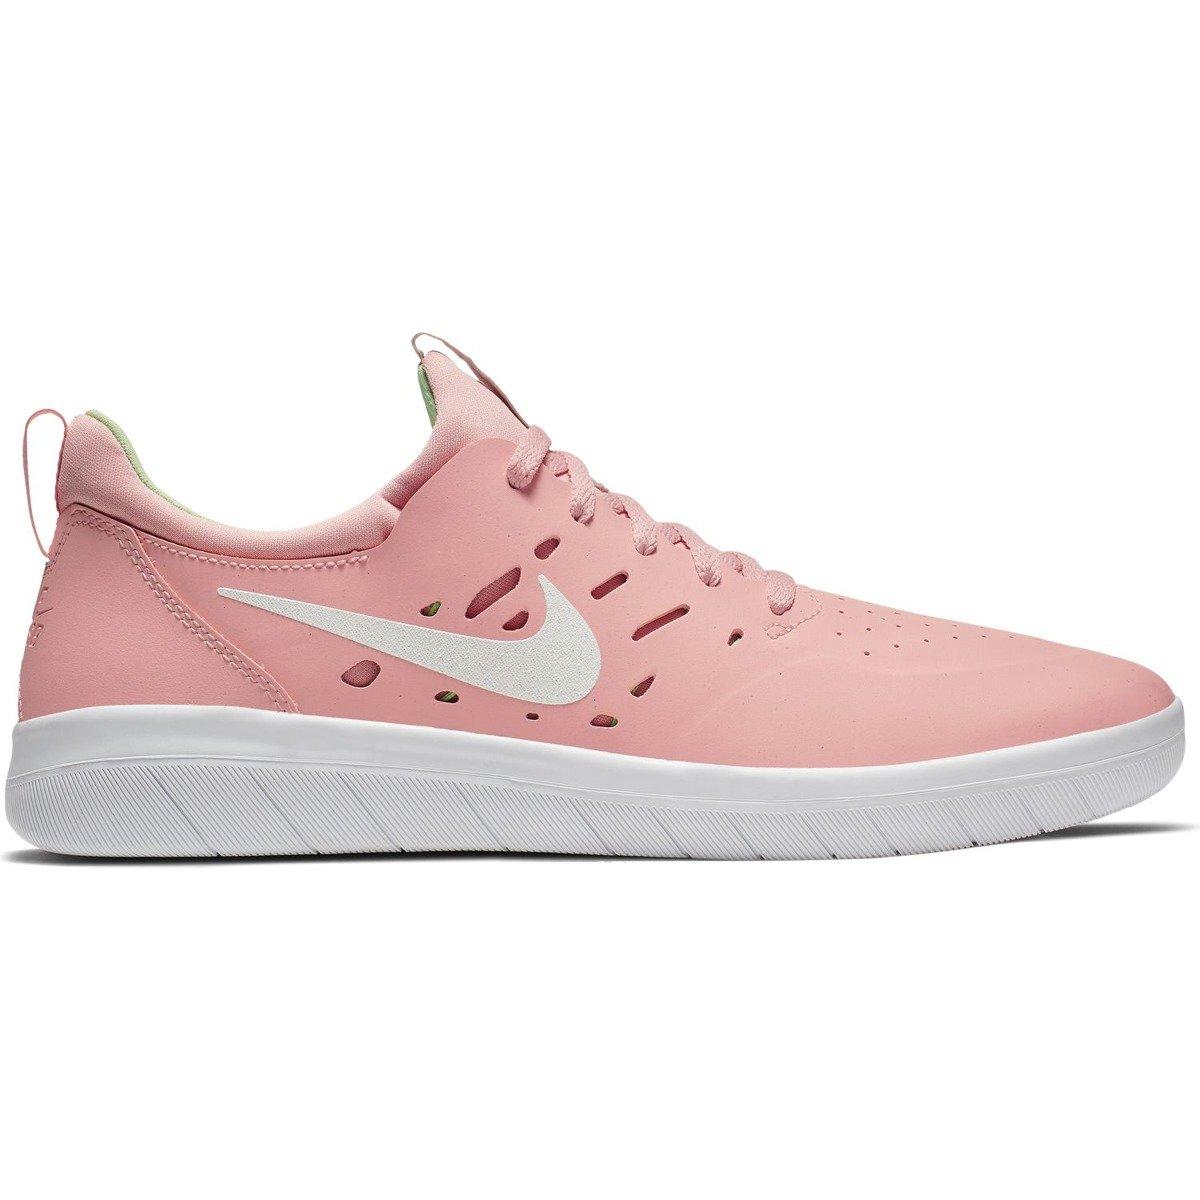 wiele stylów unikalny design klasyczny buty Nike Sb Nyjah Free Skateboarding Shoe bleached Coral/white-aphid Green